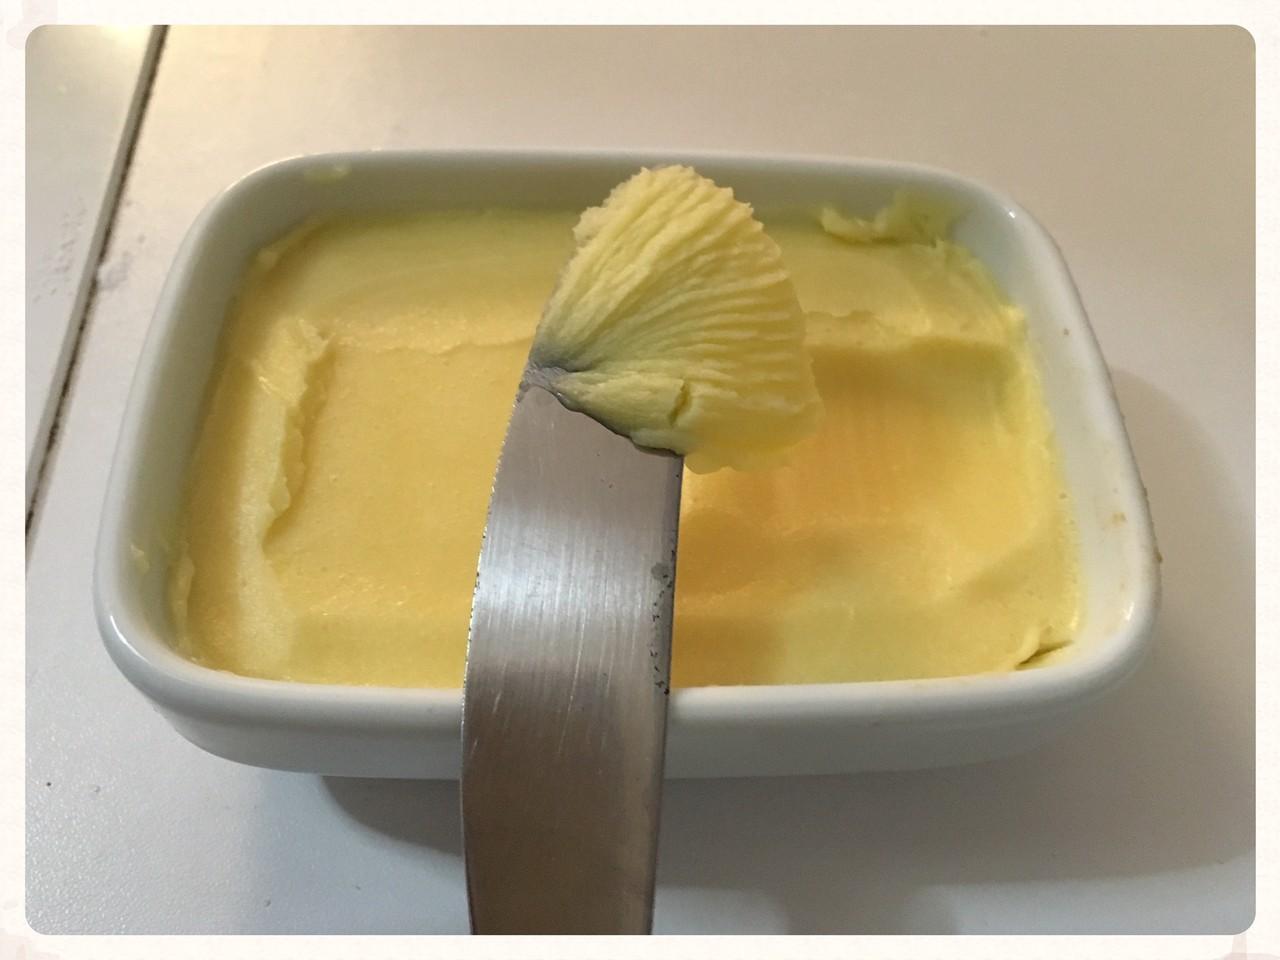 butter ersatz margarine ohne palm l essen kosmetik putzmittel etc aus dem thermomix. Black Bedroom Furniture Sets. Home Design Ideas